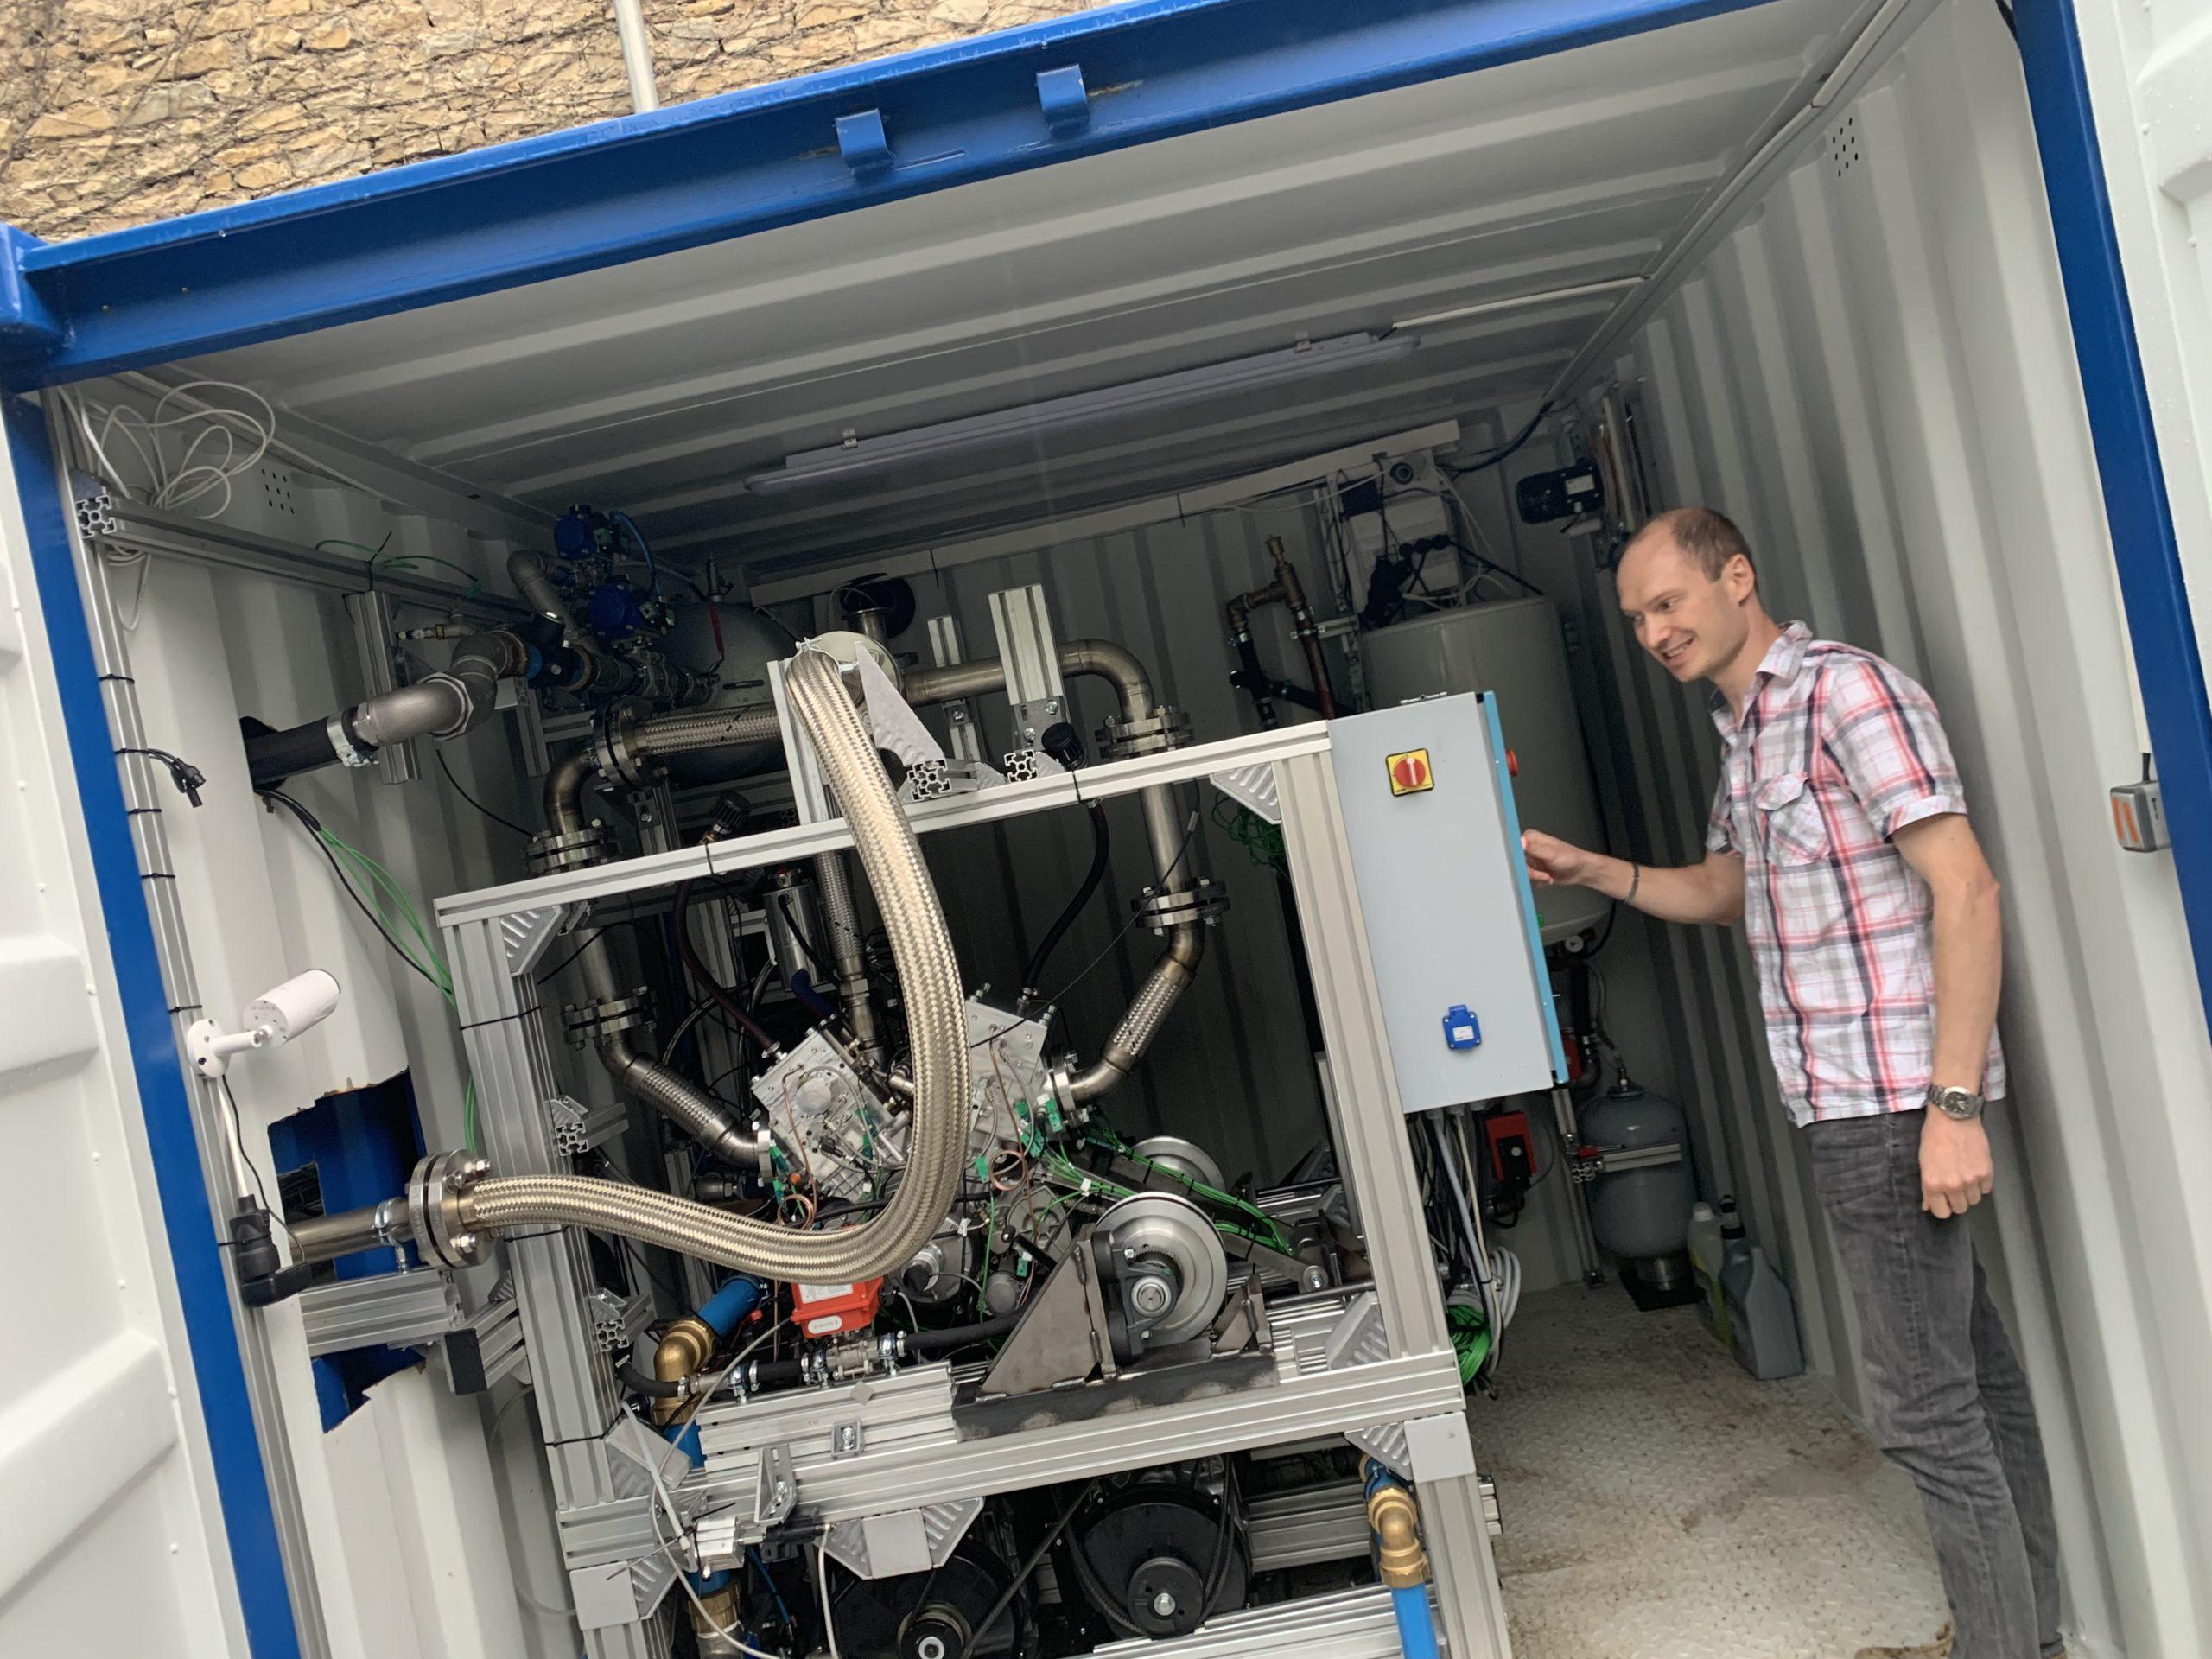 Ananke installe un démonstrateur de récupération de chaleur fatale chez Cristel